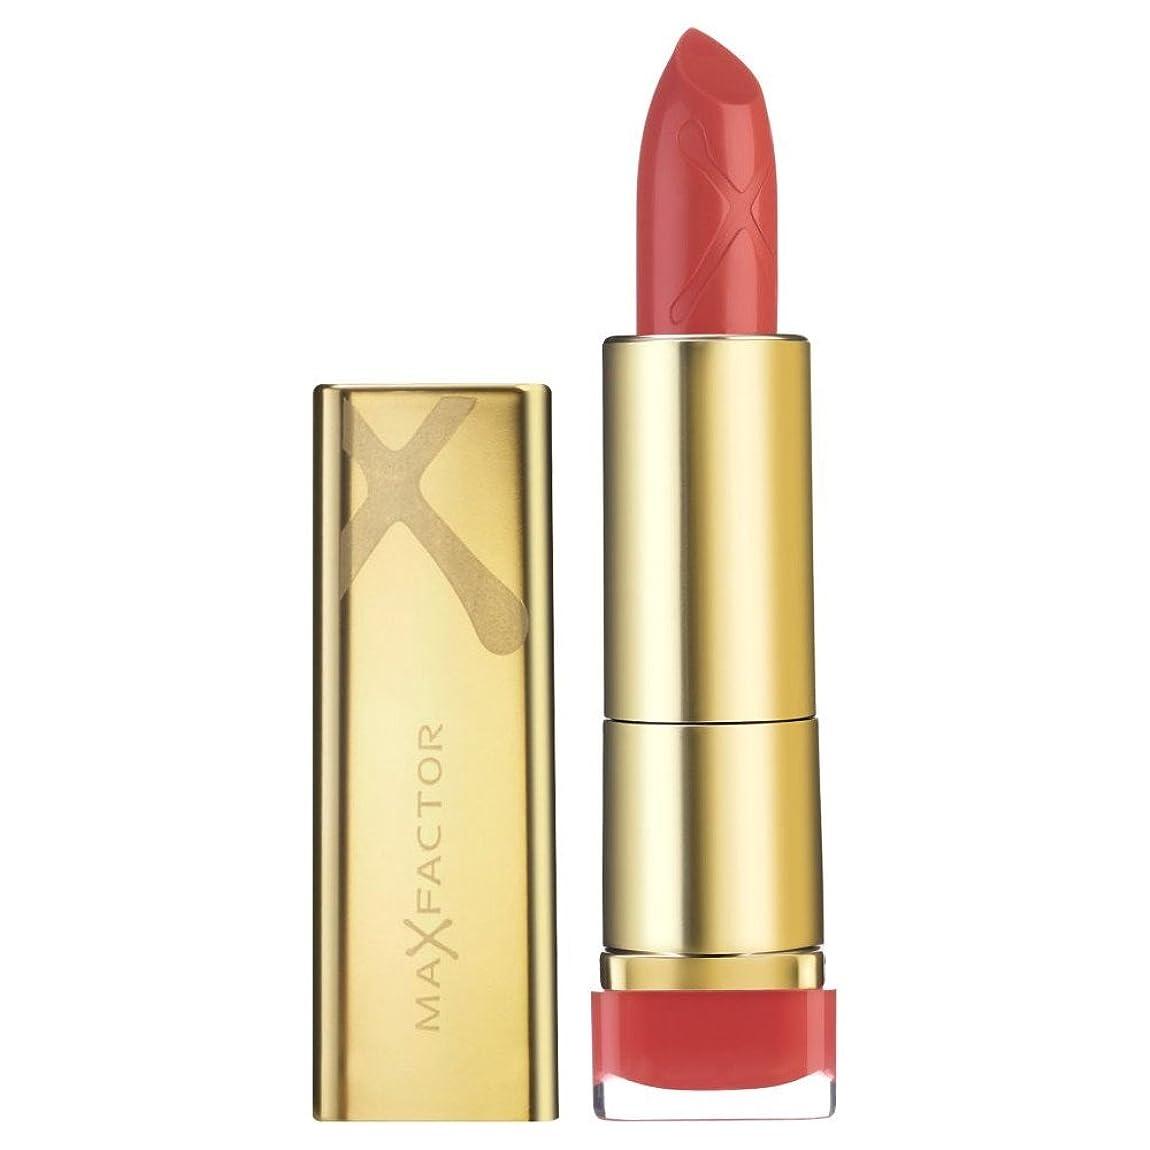 パラメータアストロラーベアメリカMax Factor Colour Elixir Lipstick - 825 Pink Brandy マックスファクターカラーエリキシル口紅 - 825ピンクブランデー [並行輸入品]